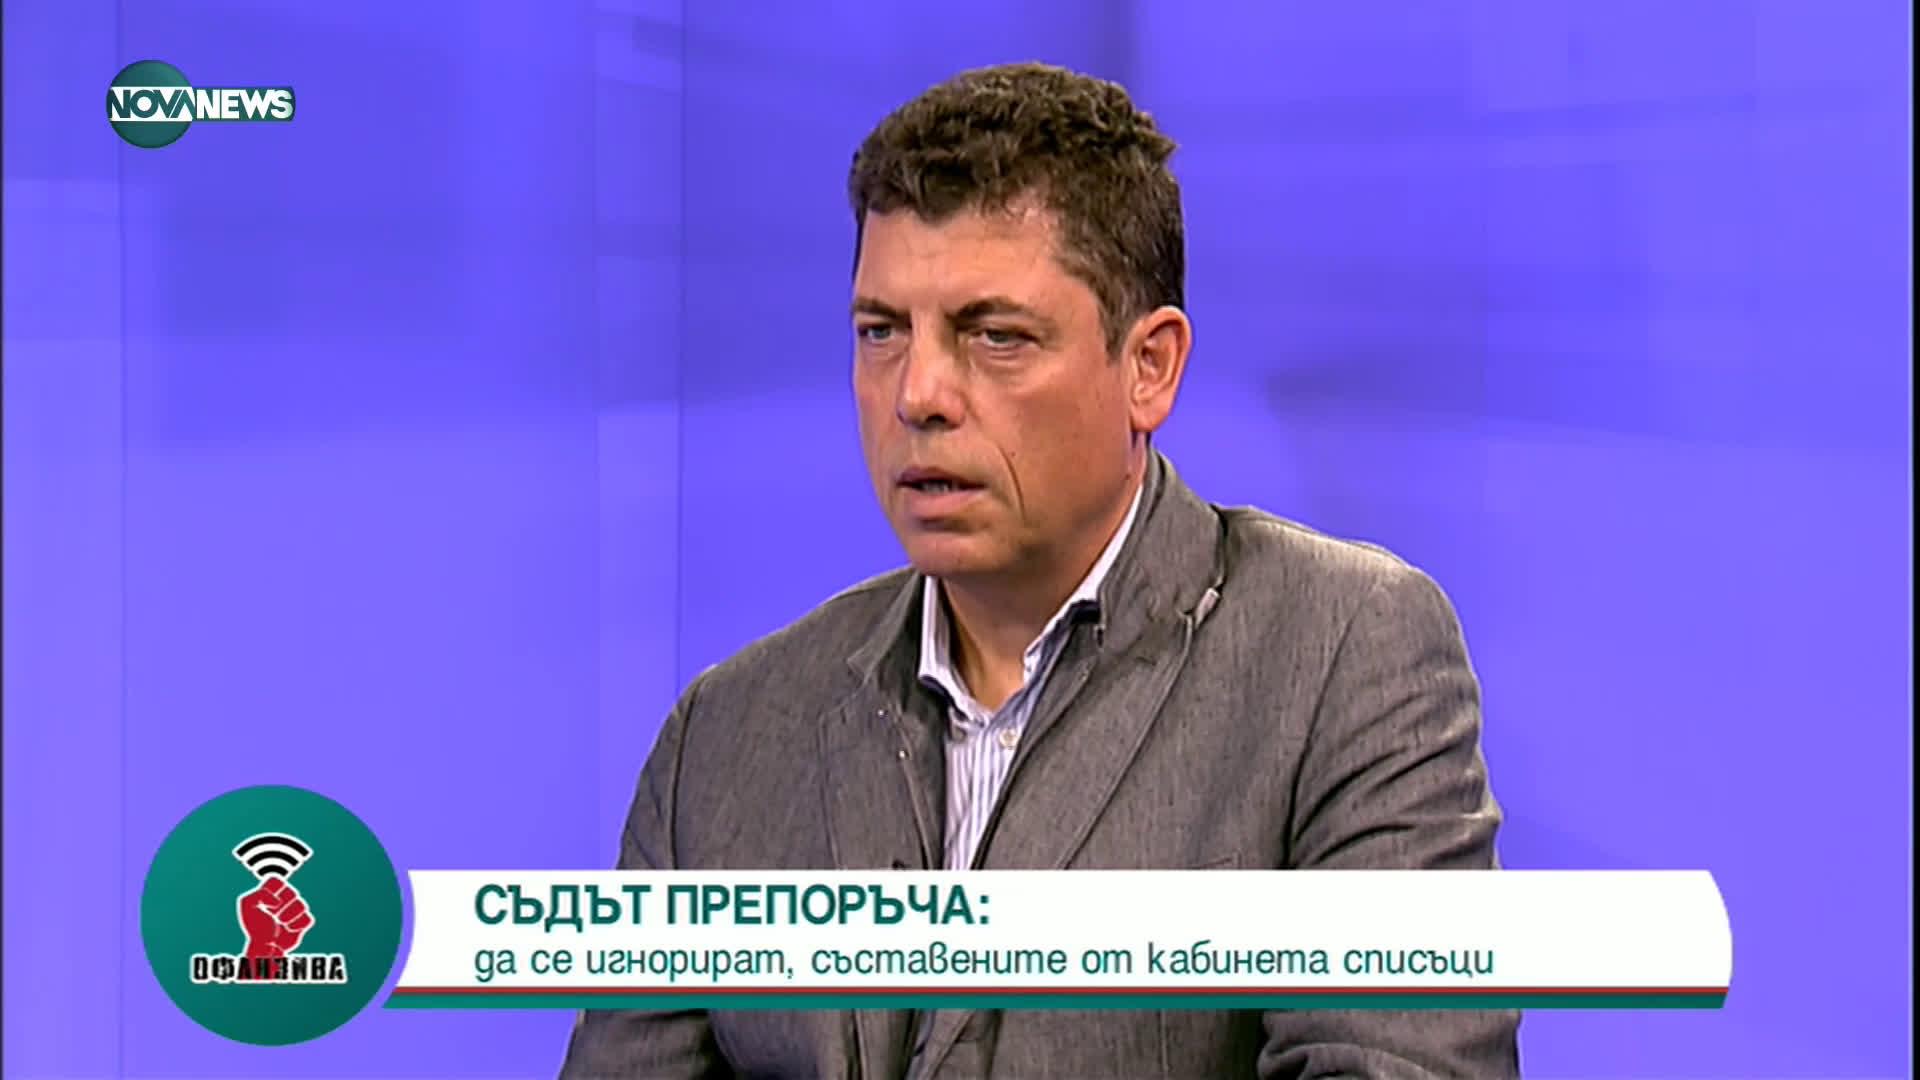 Милен Велчев: Действията на служебния кабинет по отношение на икономиката внушават респект